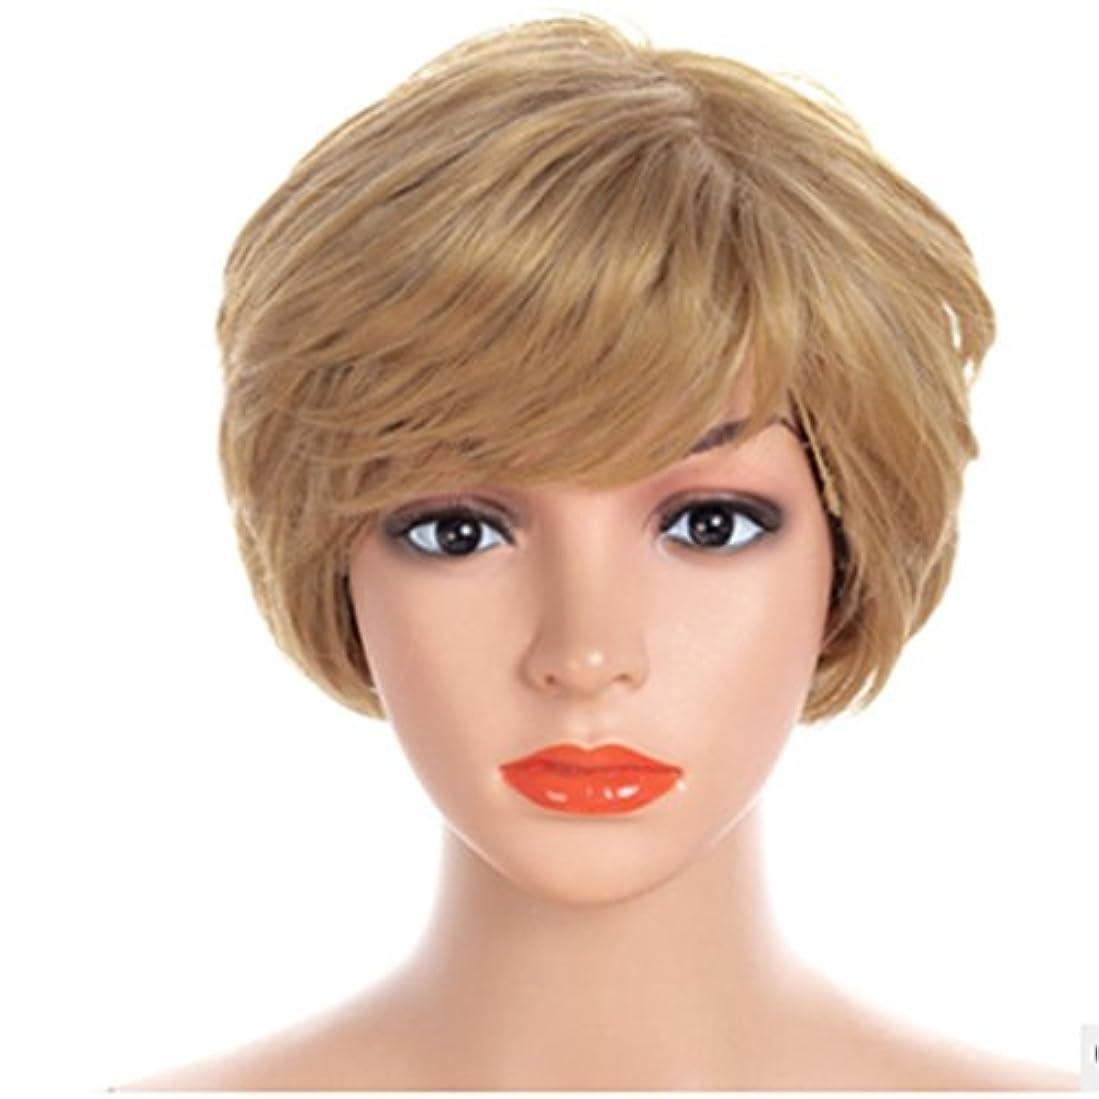 気候面積流用するYOUQIU フラットや斜め前髪髪型のウィッグウィッグとの自然なゴールドとホワイトWig- 30センチメートルショートストレートウィッグ (色 : Gold-white)